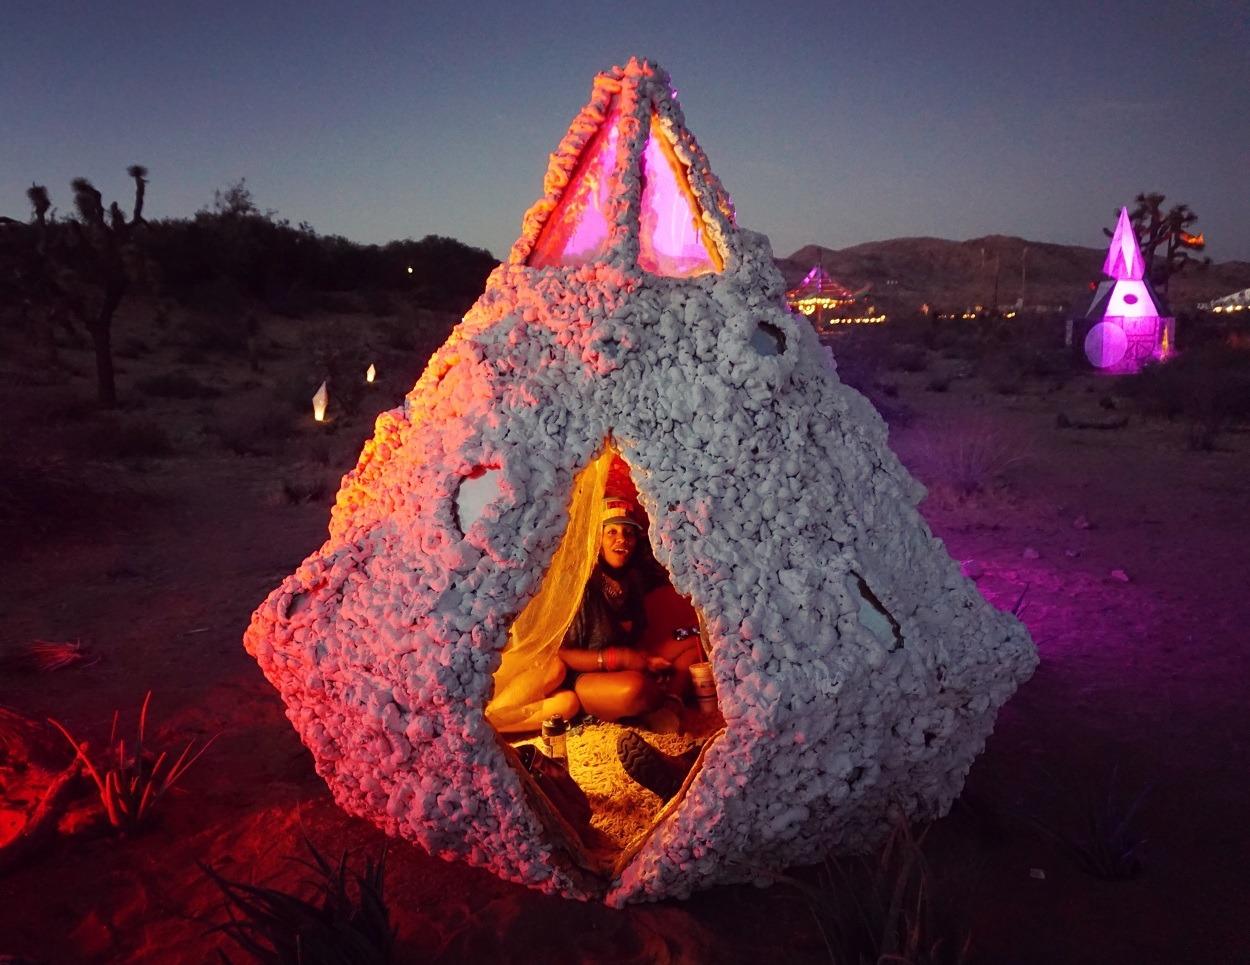 cabana a noite